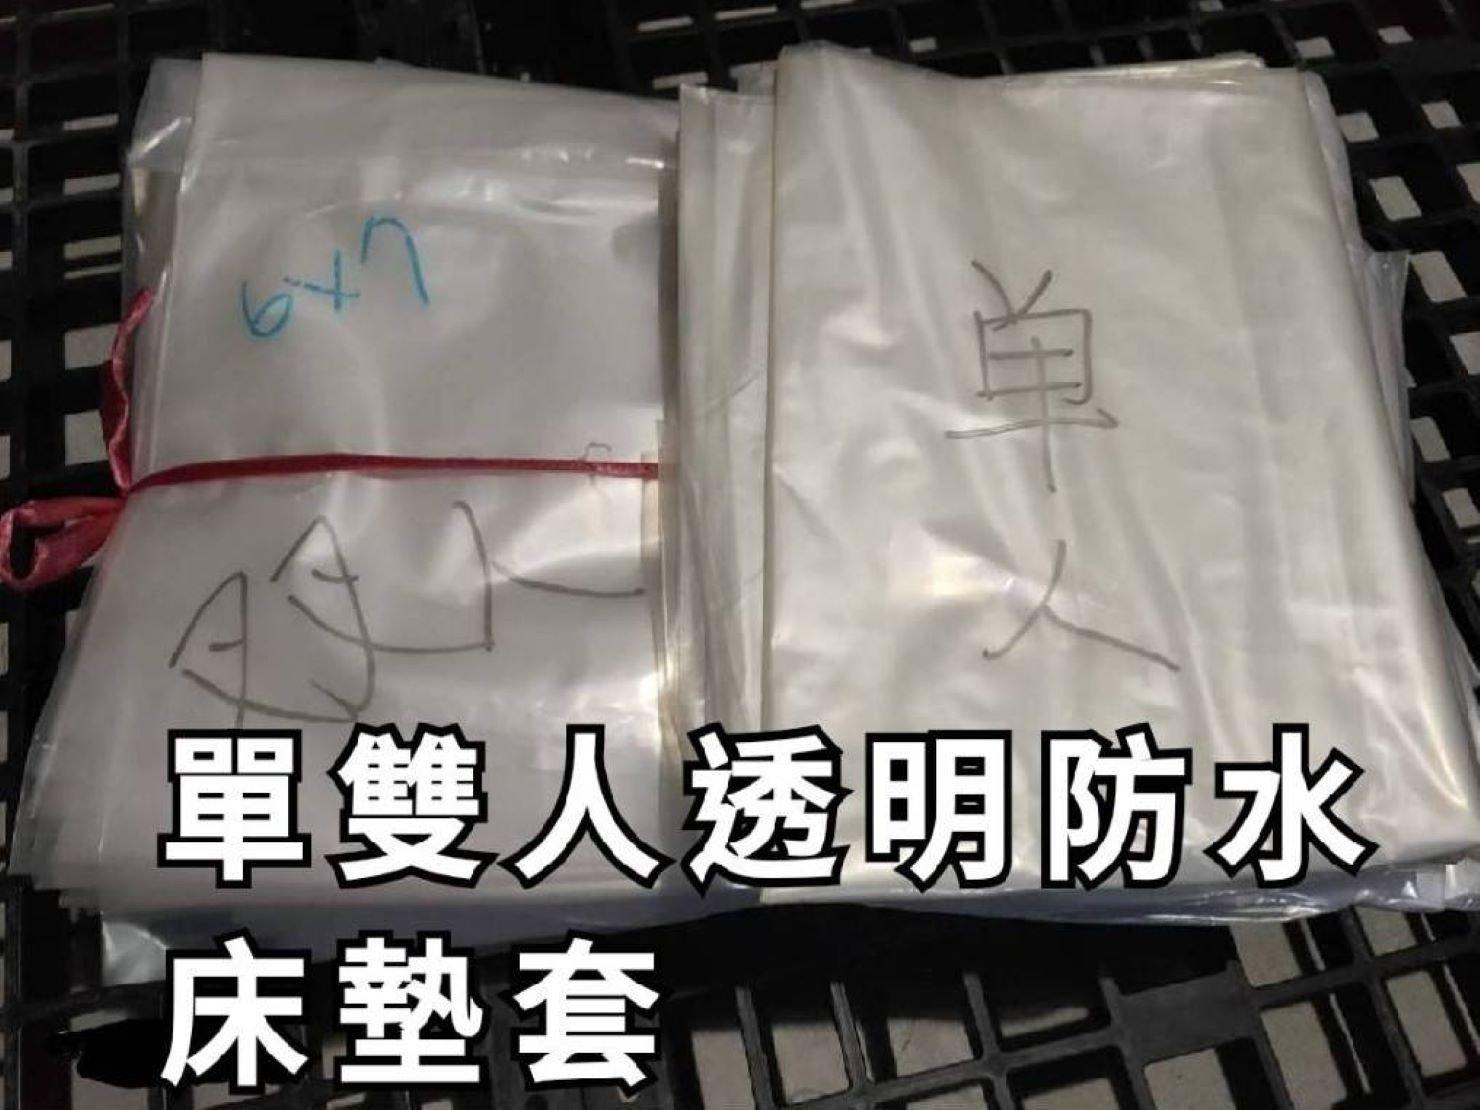 【搬家包裝耗材】透明床墊包材商品區分雙人床墊、單人床墊